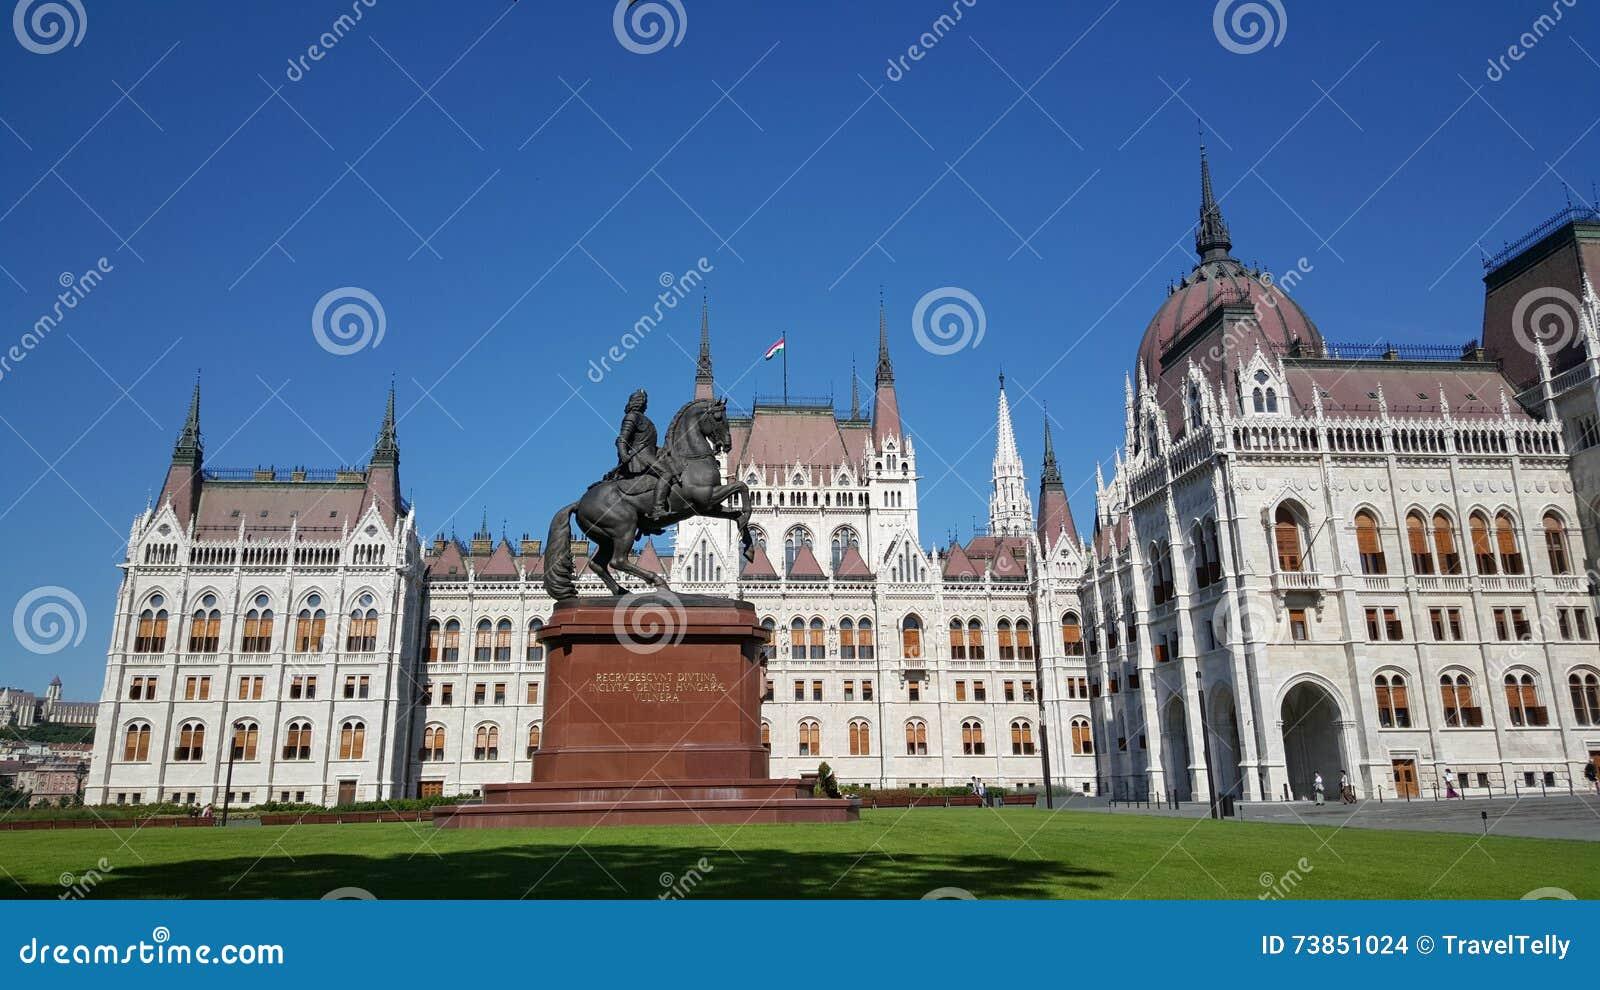 Das ungarische Parlaments-Gebäude durch TravelTelly